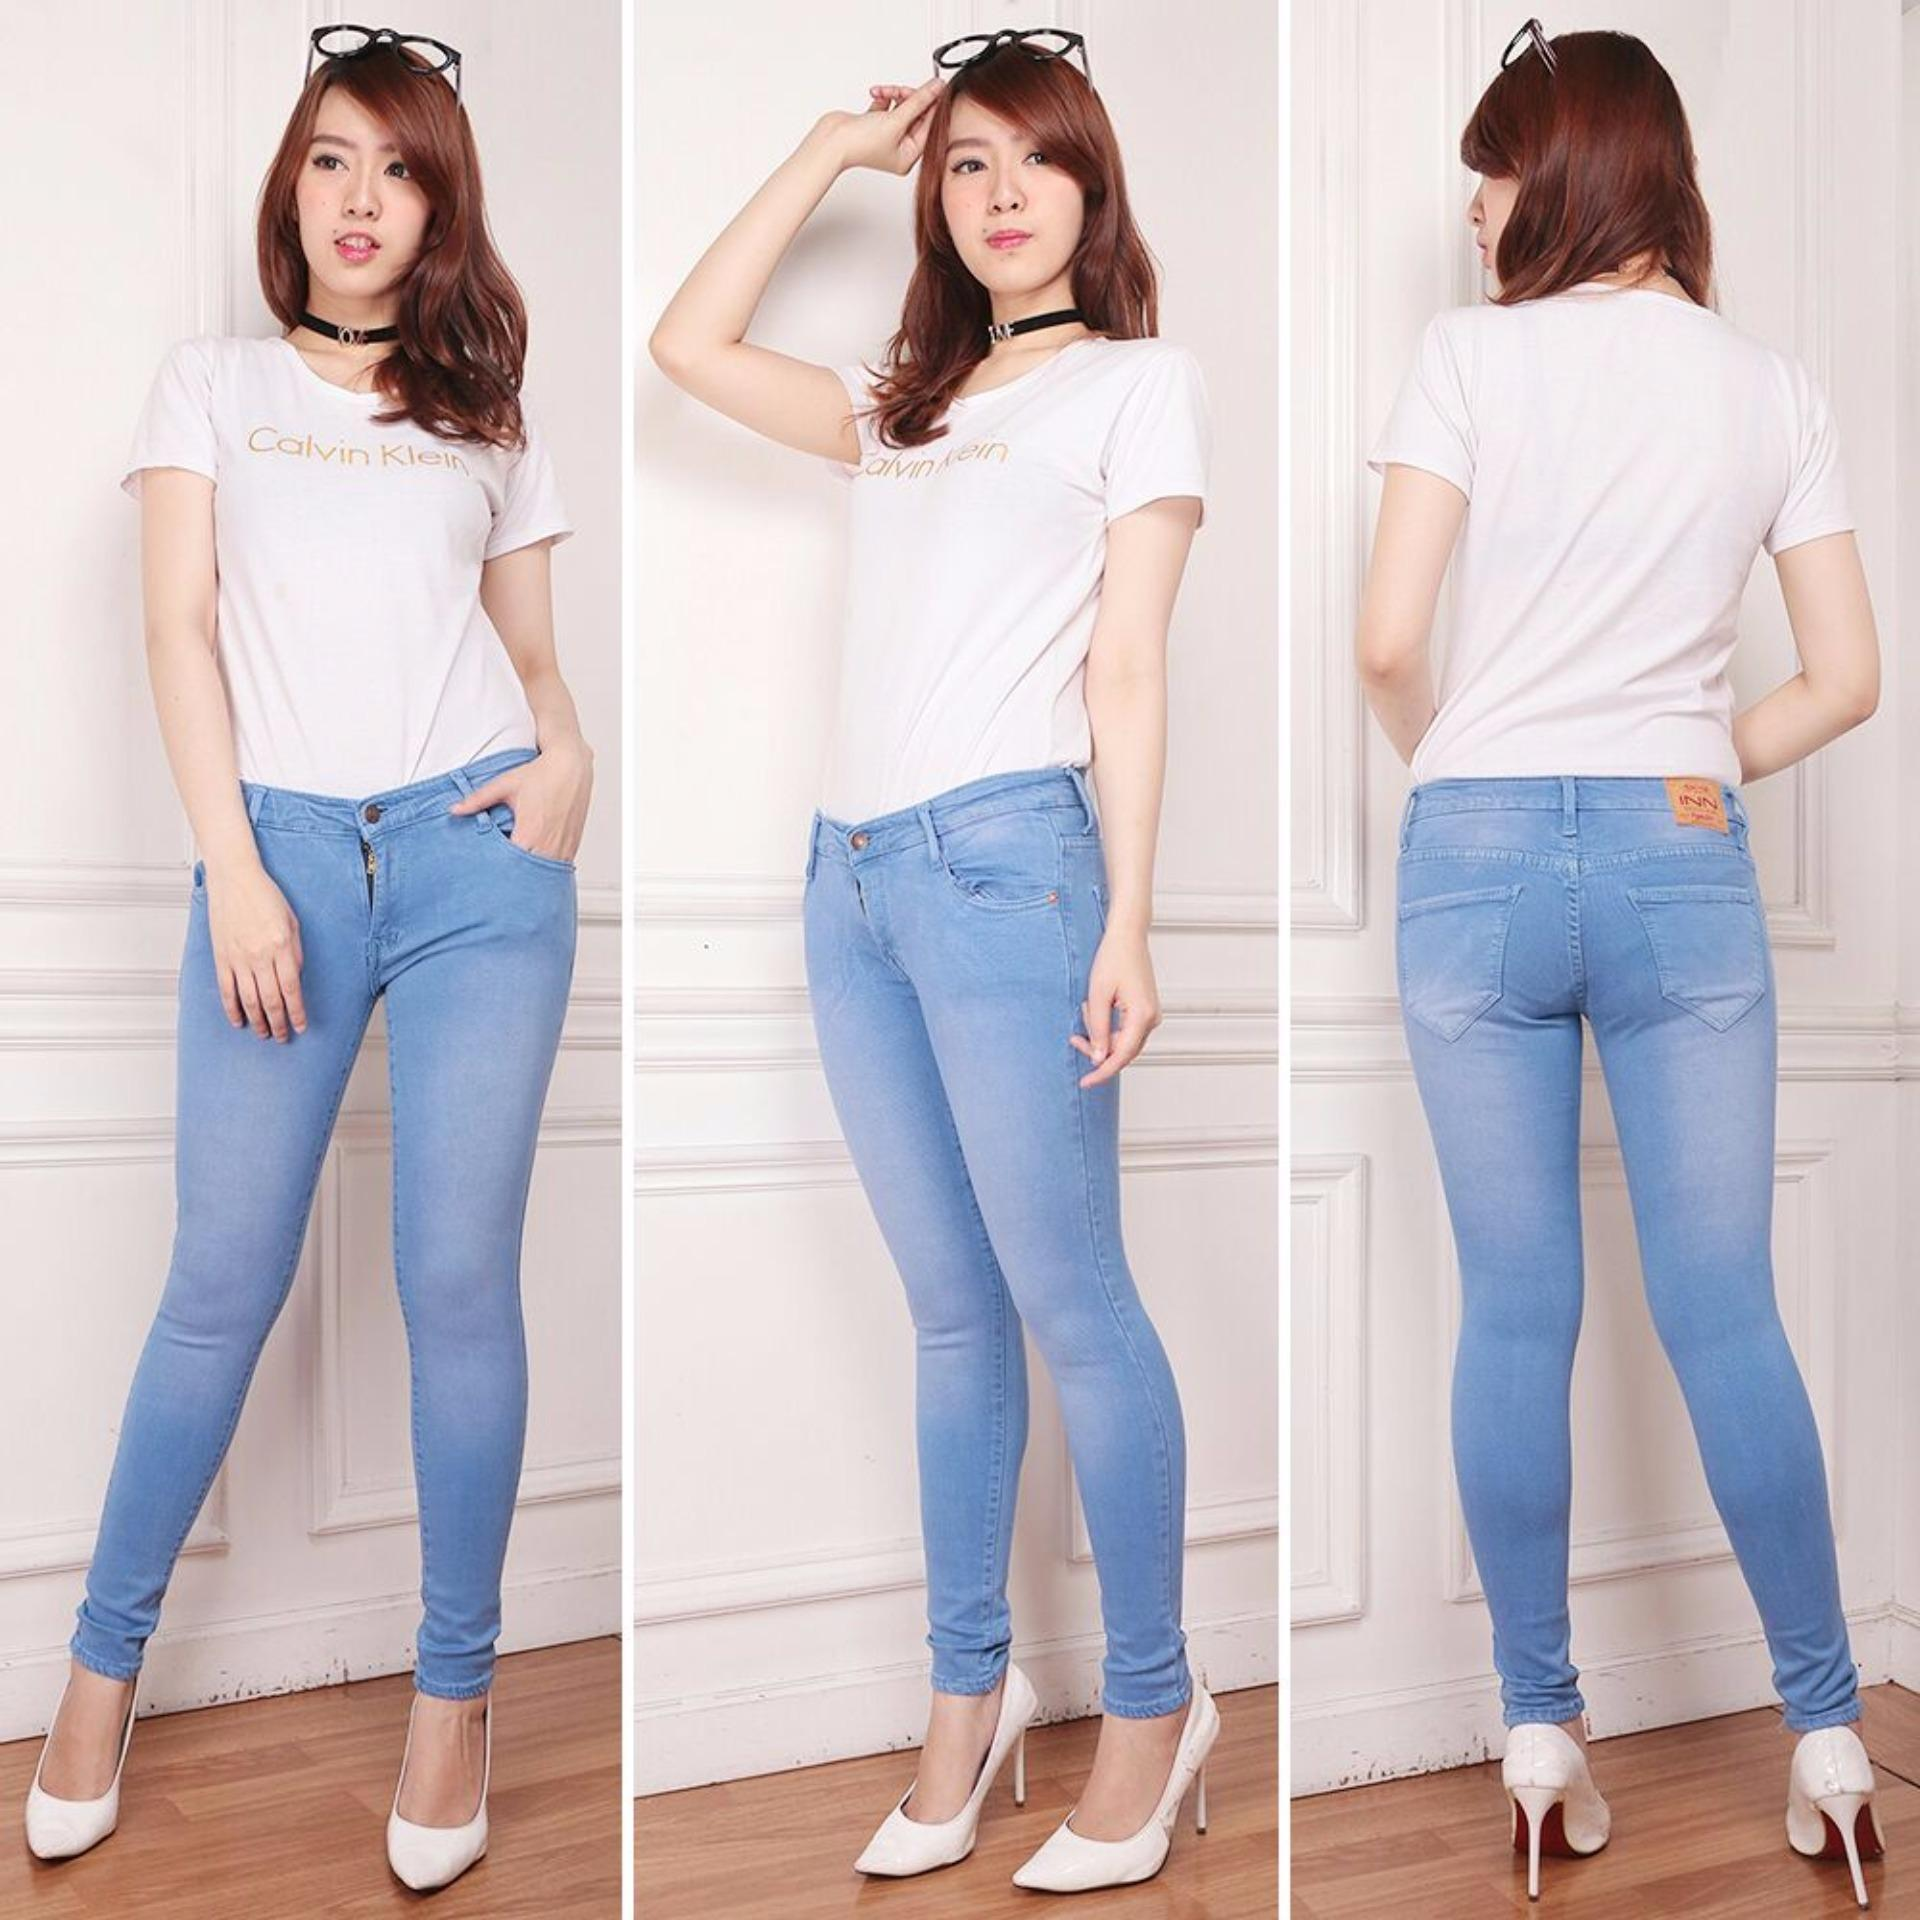 Spesifikasi Nusantara Jeans Celana Panjang Wanita Model Skinny Street Berbahan Denim Bagus Jahitan Rapi Murah Ice Blue Bagus